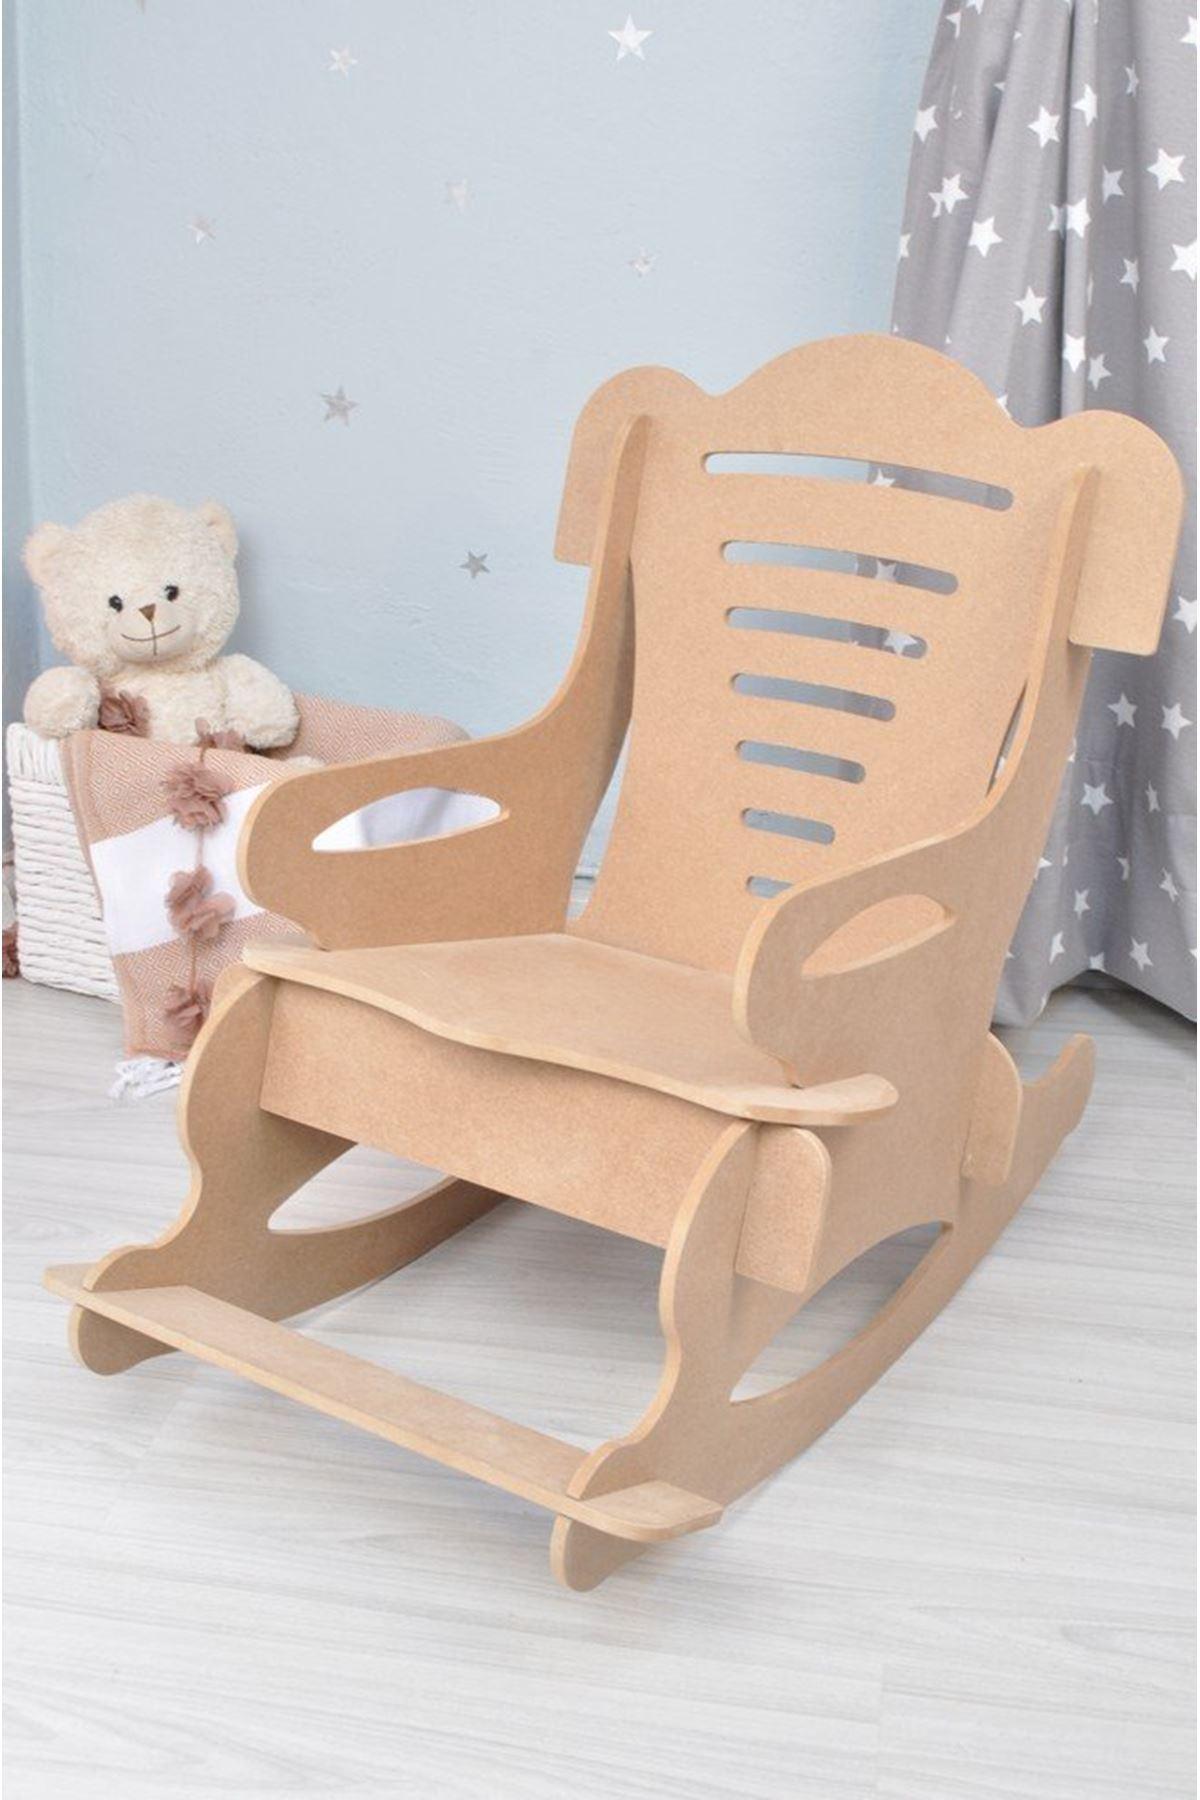 Pembe Minderli Bebek, Çocuk Sandalyesi 25 kg Taşıma Kapasiteli